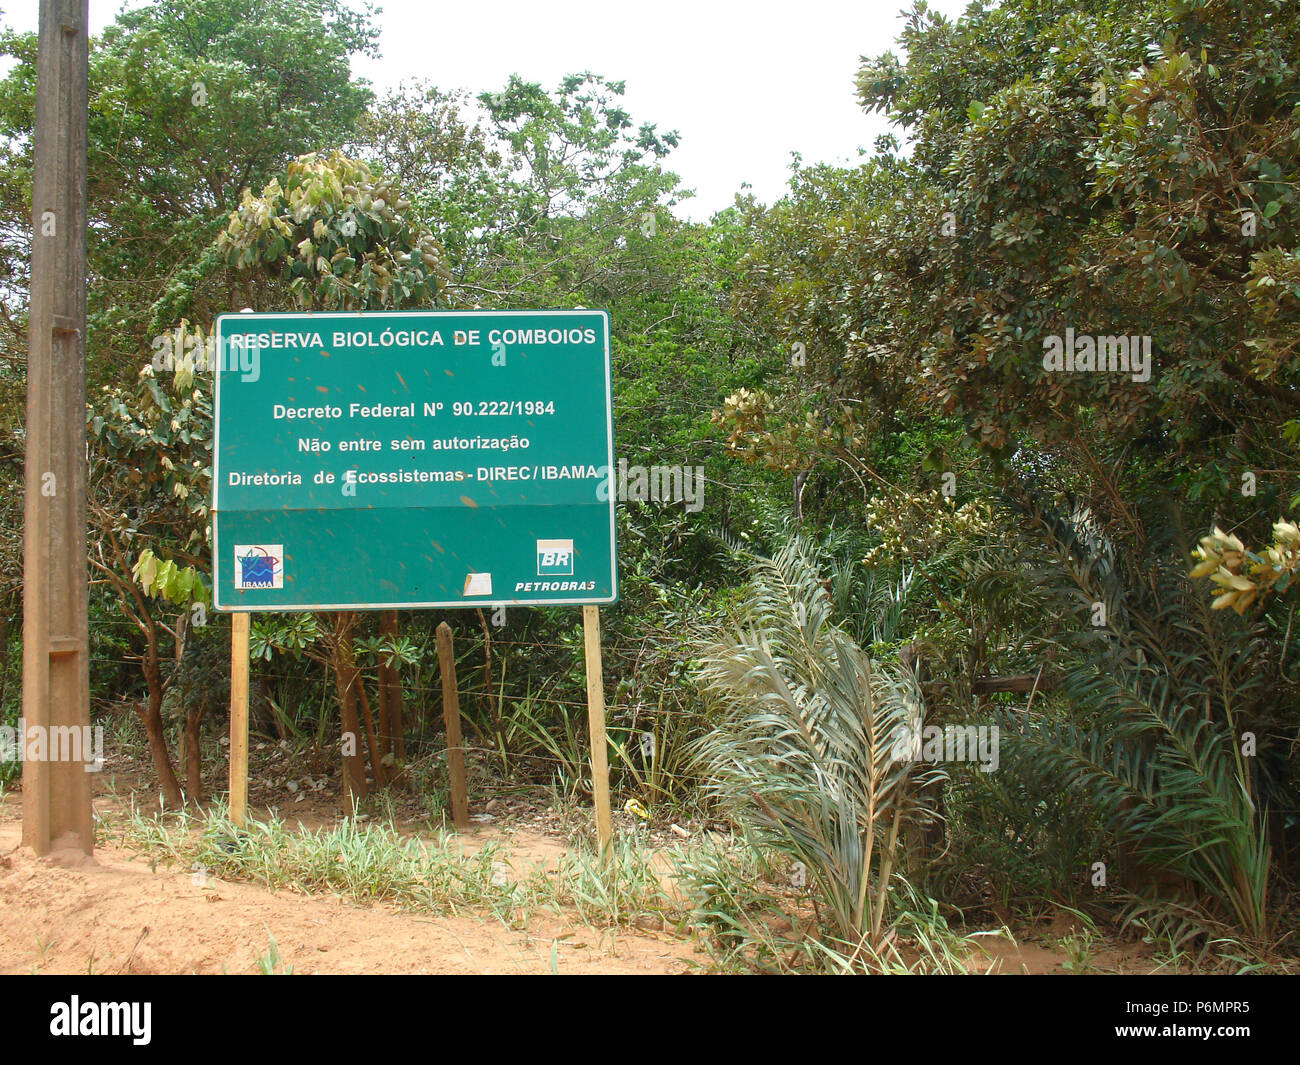 Comboios Biological Reserve, Atlantic Forest, Linhares, Aracruz, Espirito Santo, Brazil. Stock Photo